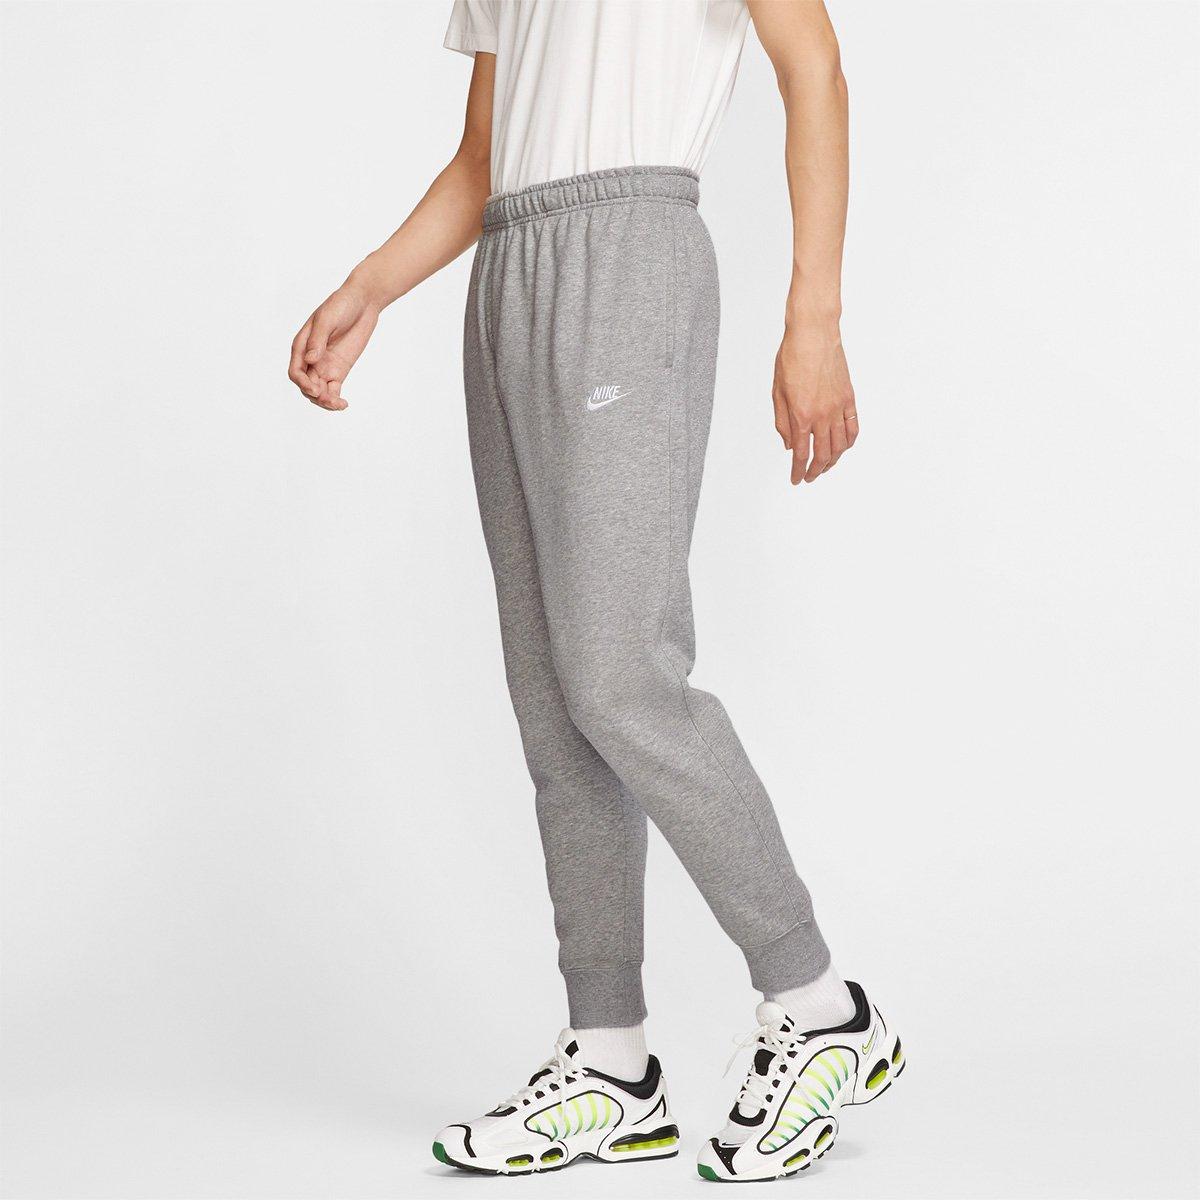 Menor preço em Calça Jogger Moletom Nike Sportswear Club Masculina - Cinza e Branco